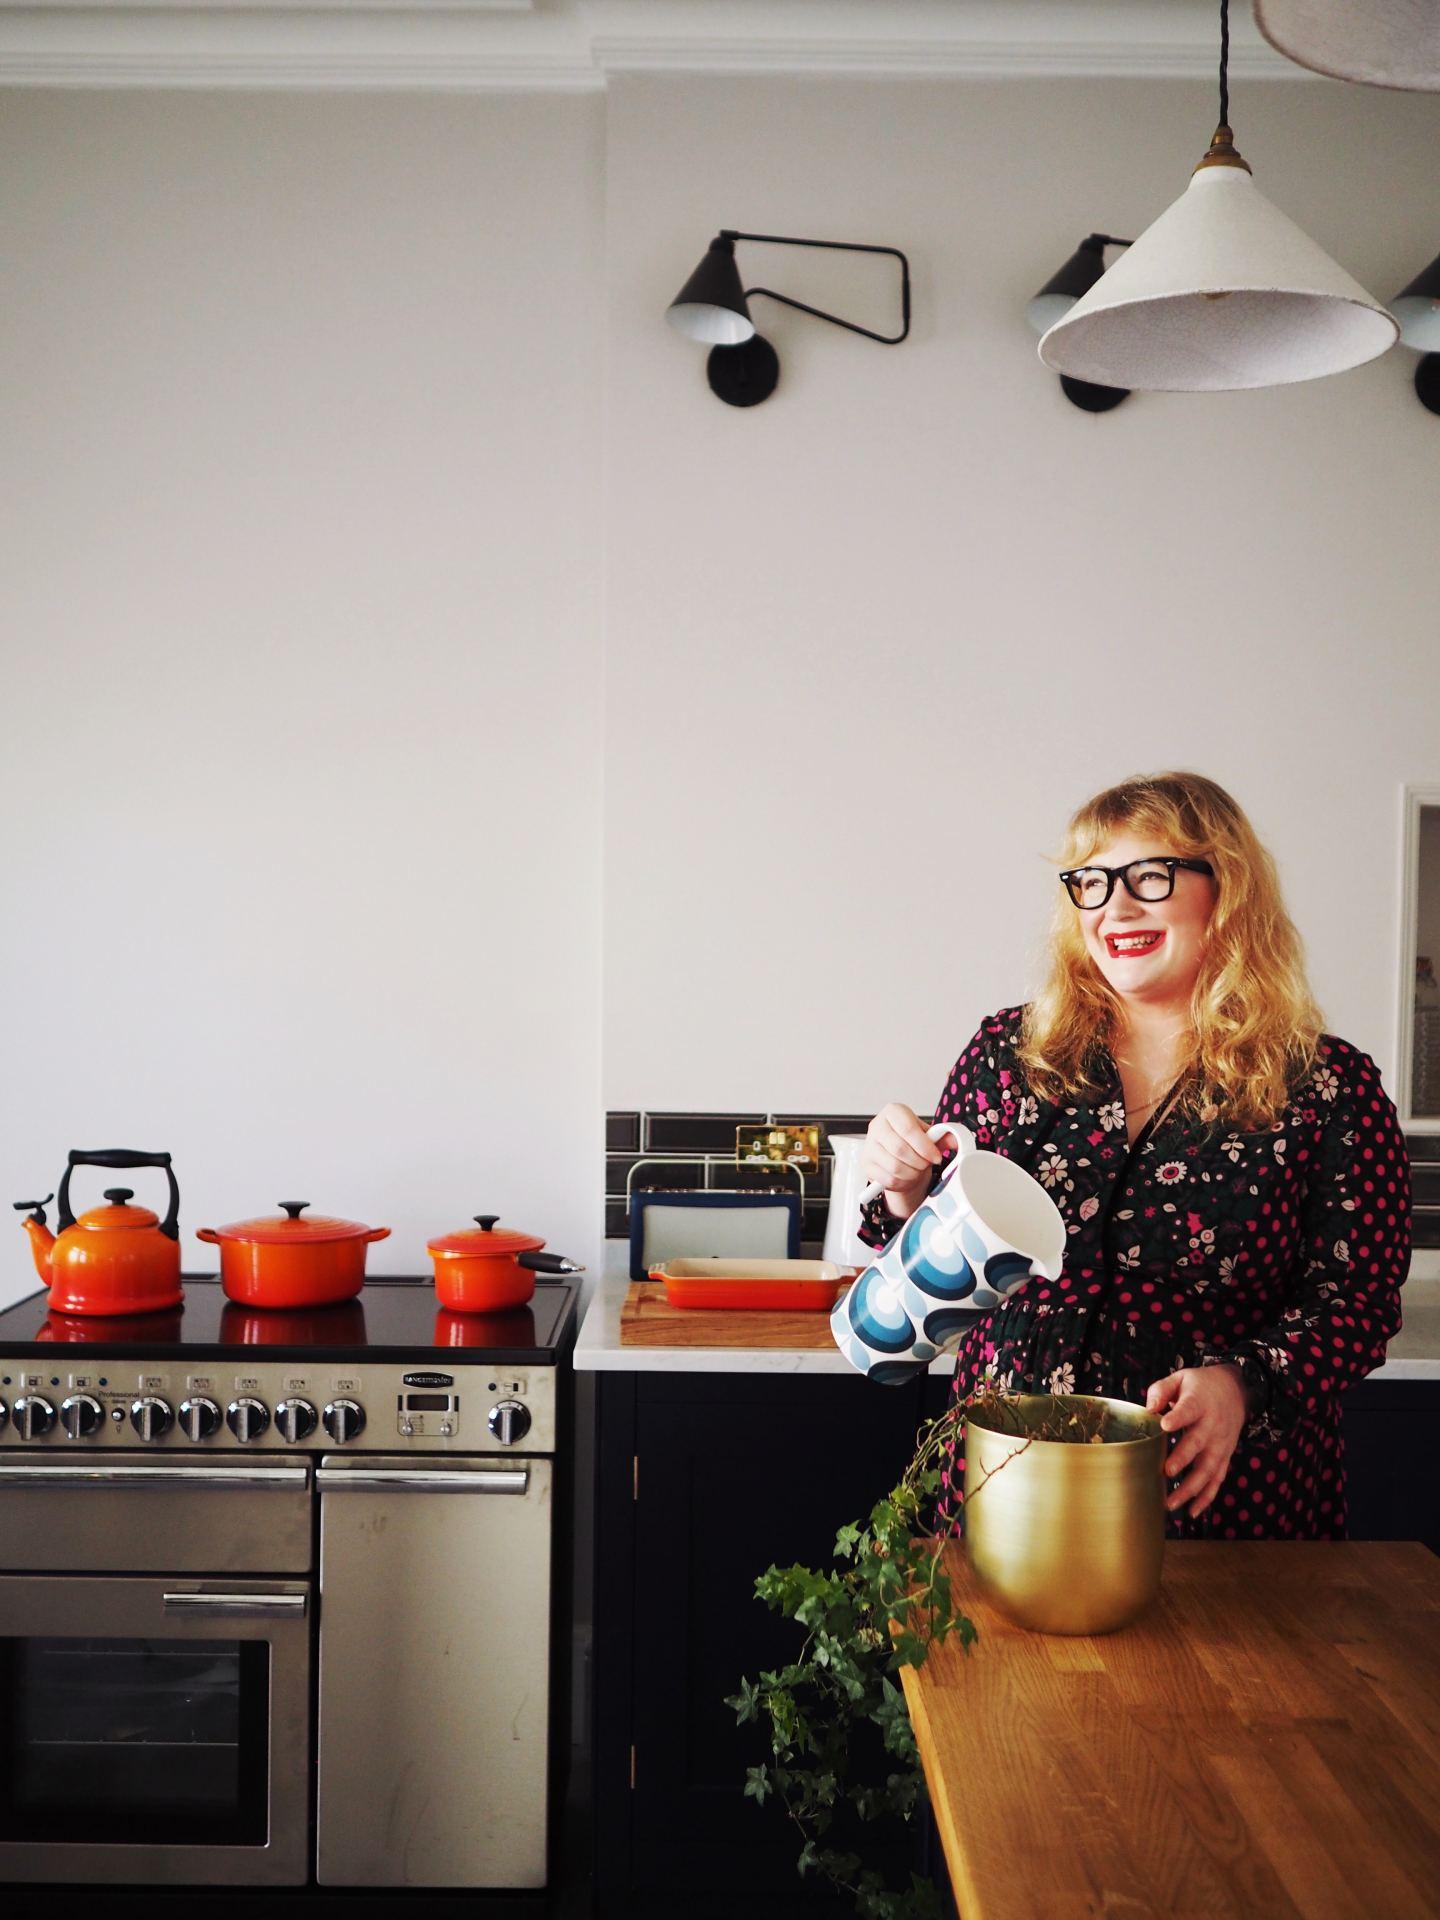 fashion for lunch blog margate blogger rangemaster cooker AO